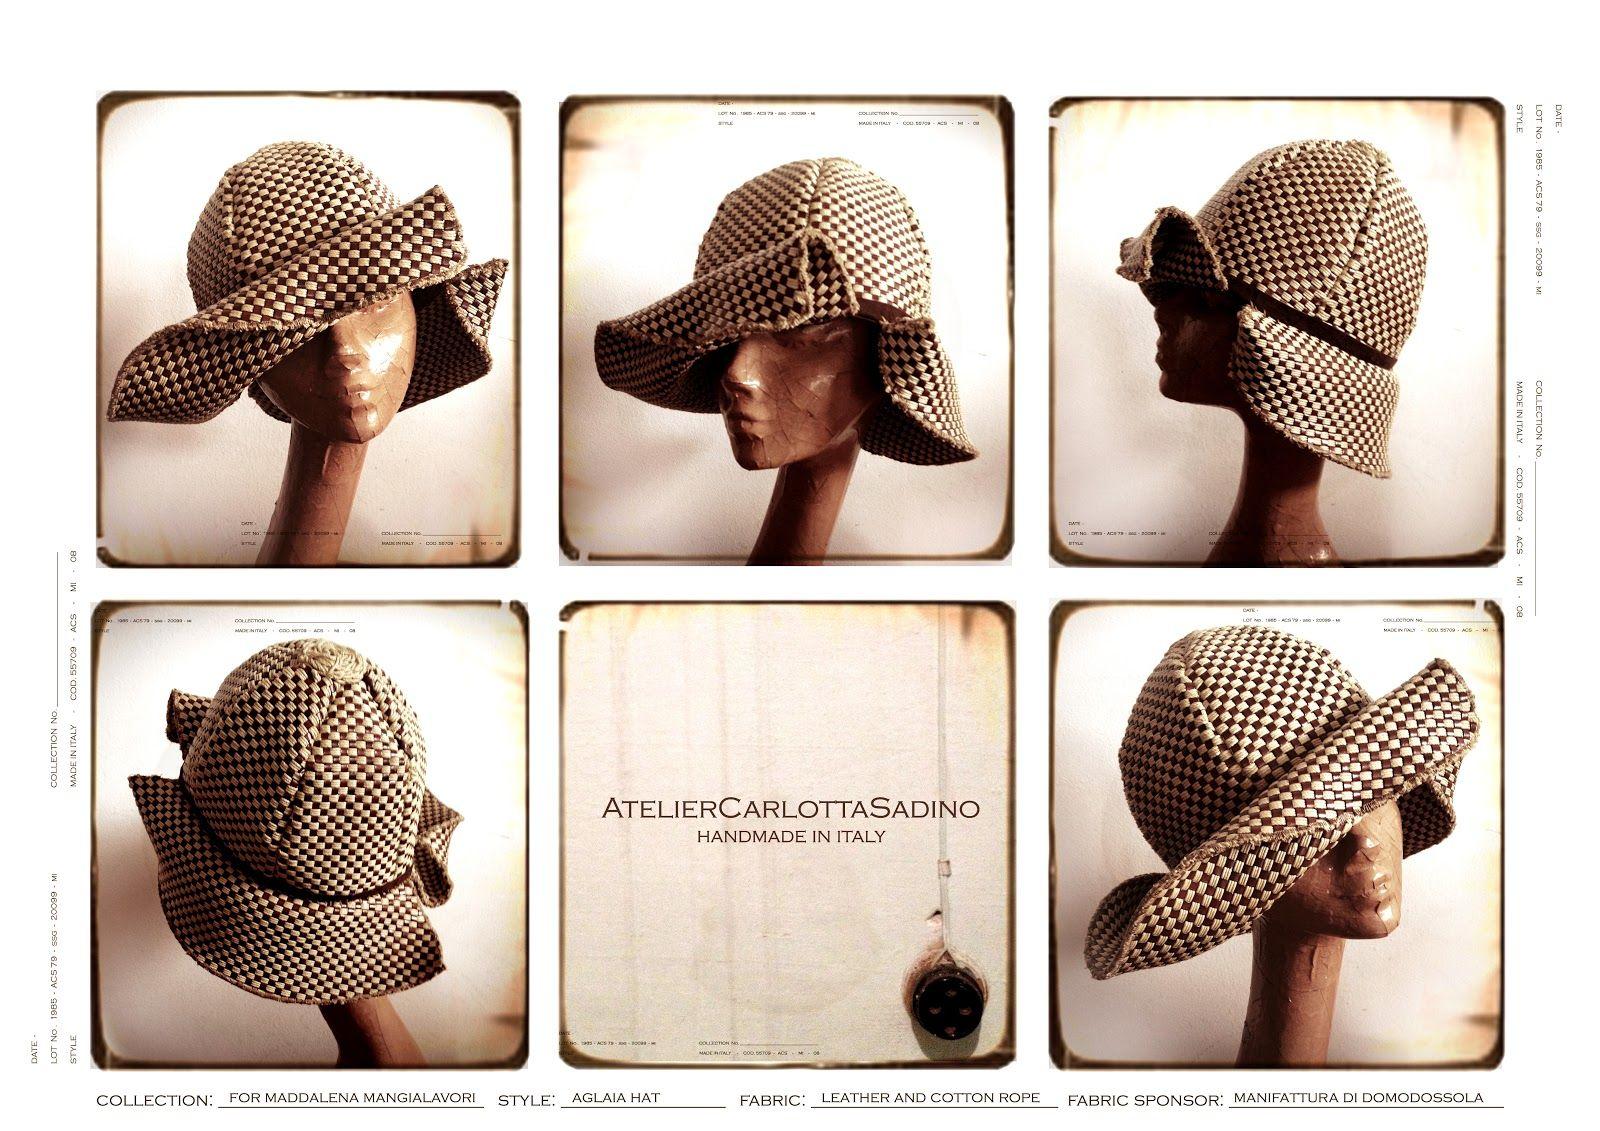 http://ateliercarlottasadino.blogspot.it/p/ateliercarlottasadinospecial-project.html